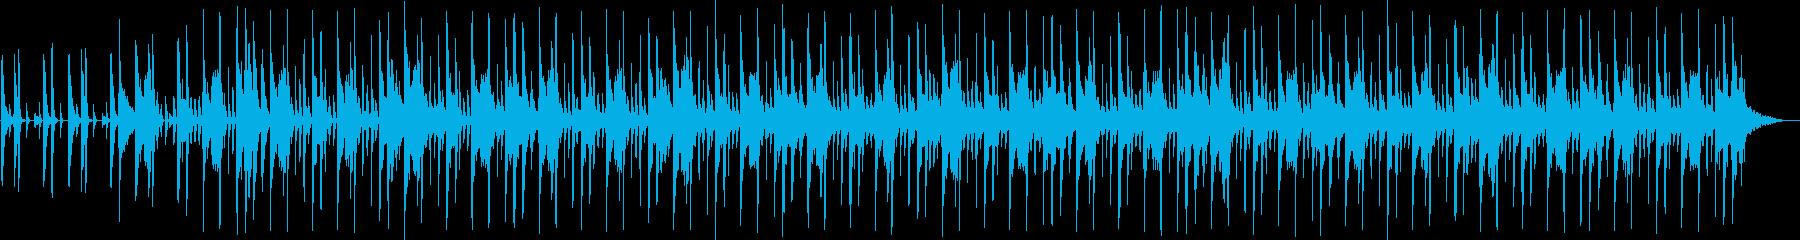 洋楽風のHip-Hopビートの再生済みの波形